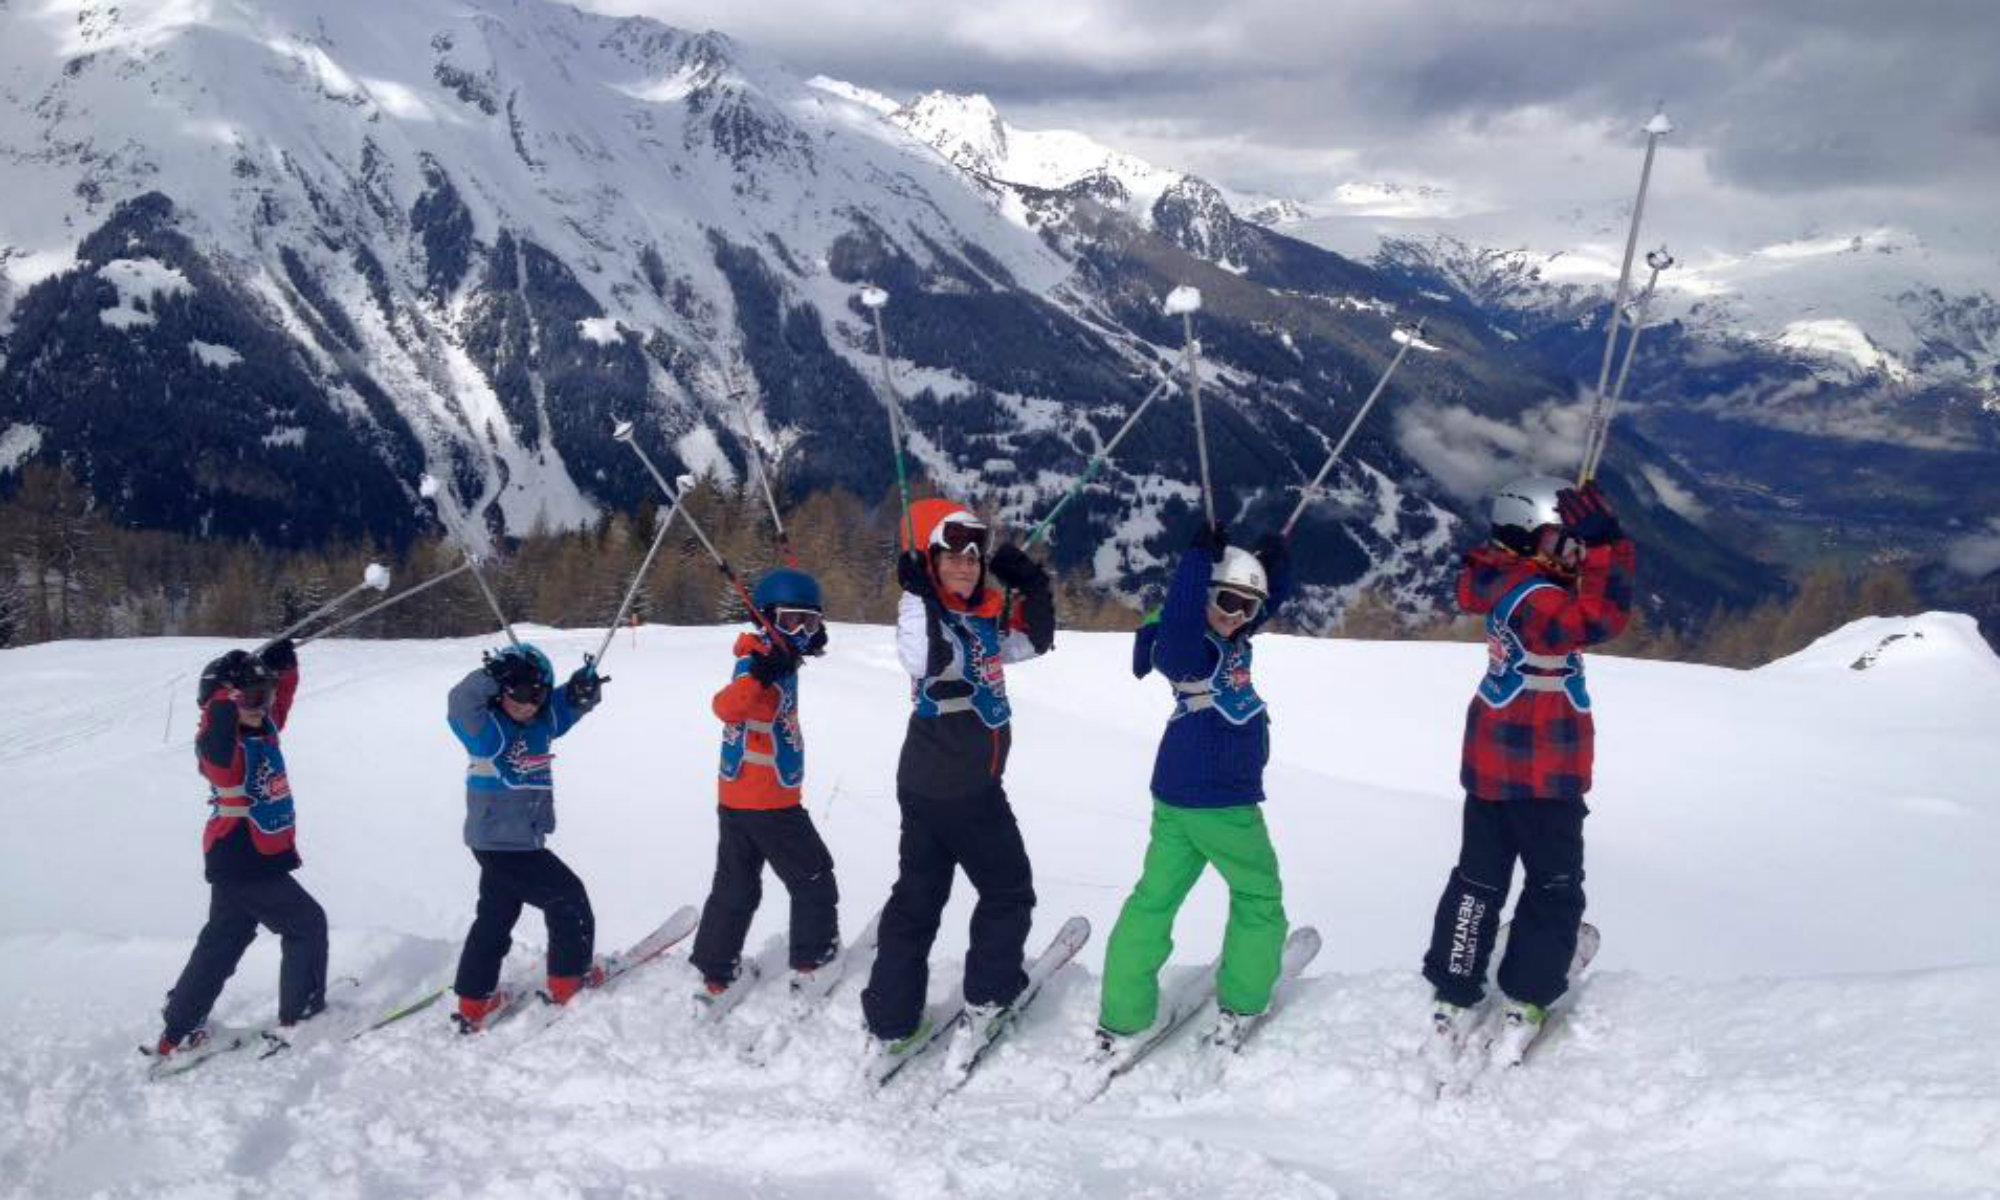 Un groupe de jeunes skieurs lors d'un cours collectif de ski.